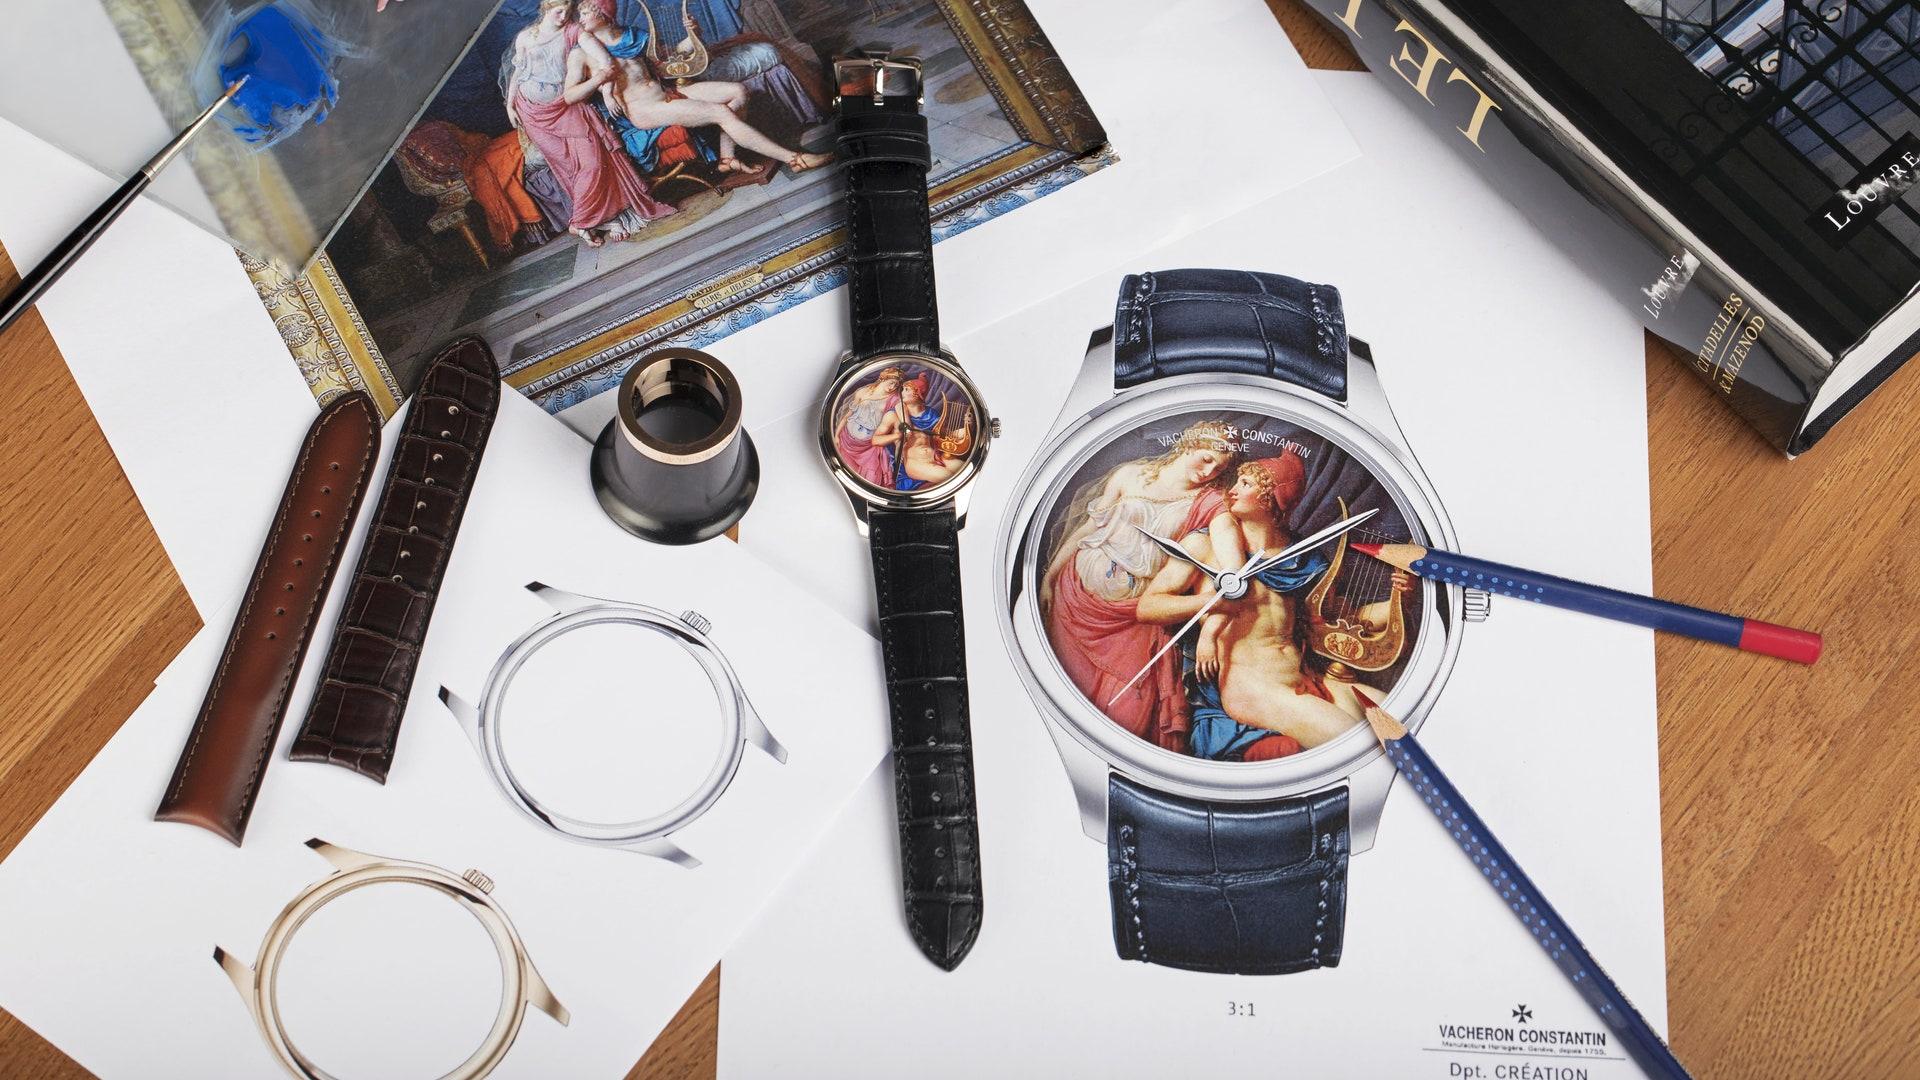 Orologio Vacheron Constantin Louvre: la partnership esclusiva dell'Alta Orologeria con il museo parigino